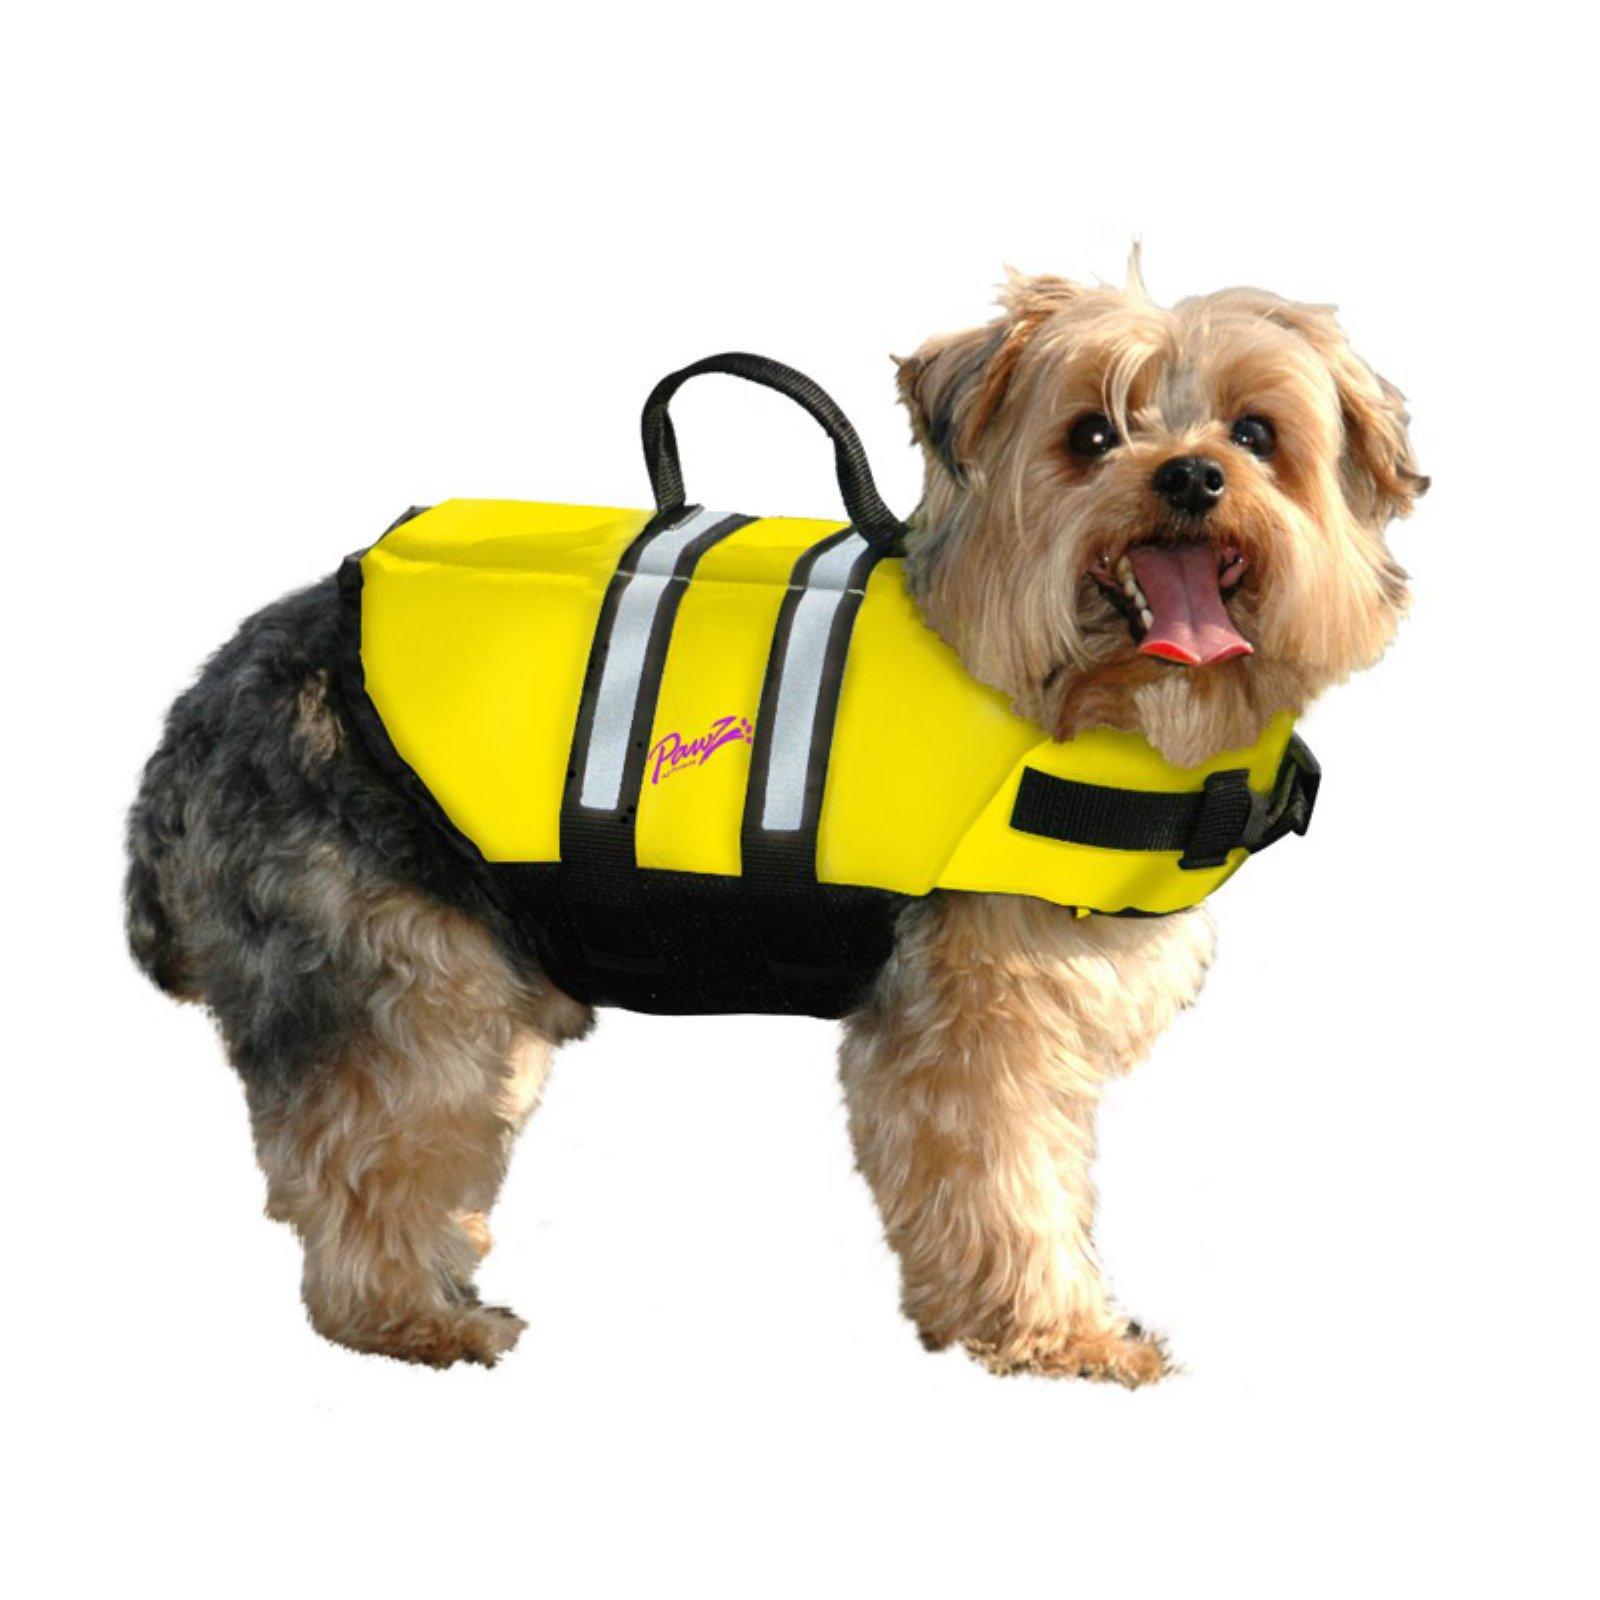 Pawz Pet Products Nylon Dog Life Jacket, Yellow